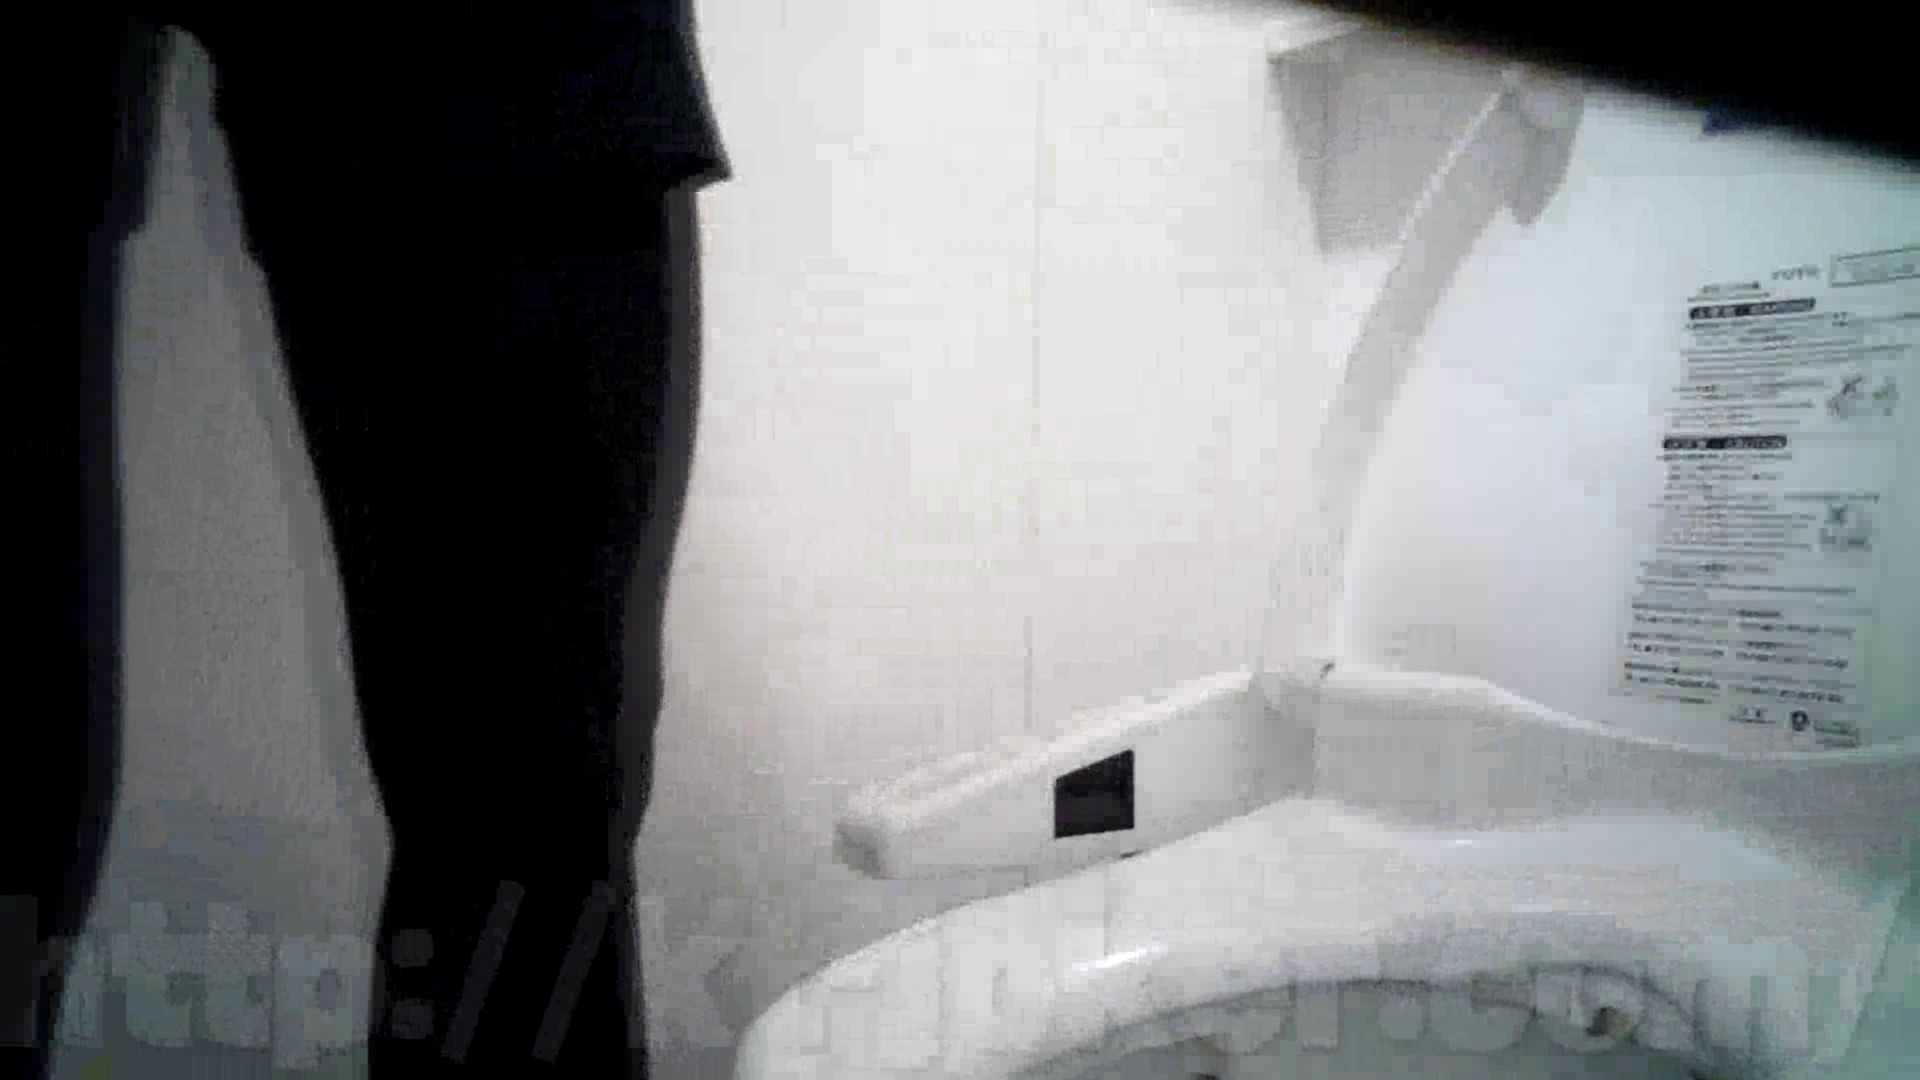 某有名大学女性洗面所 vol.32 洗面所編 セックス無修正動画無料 76PIX 35